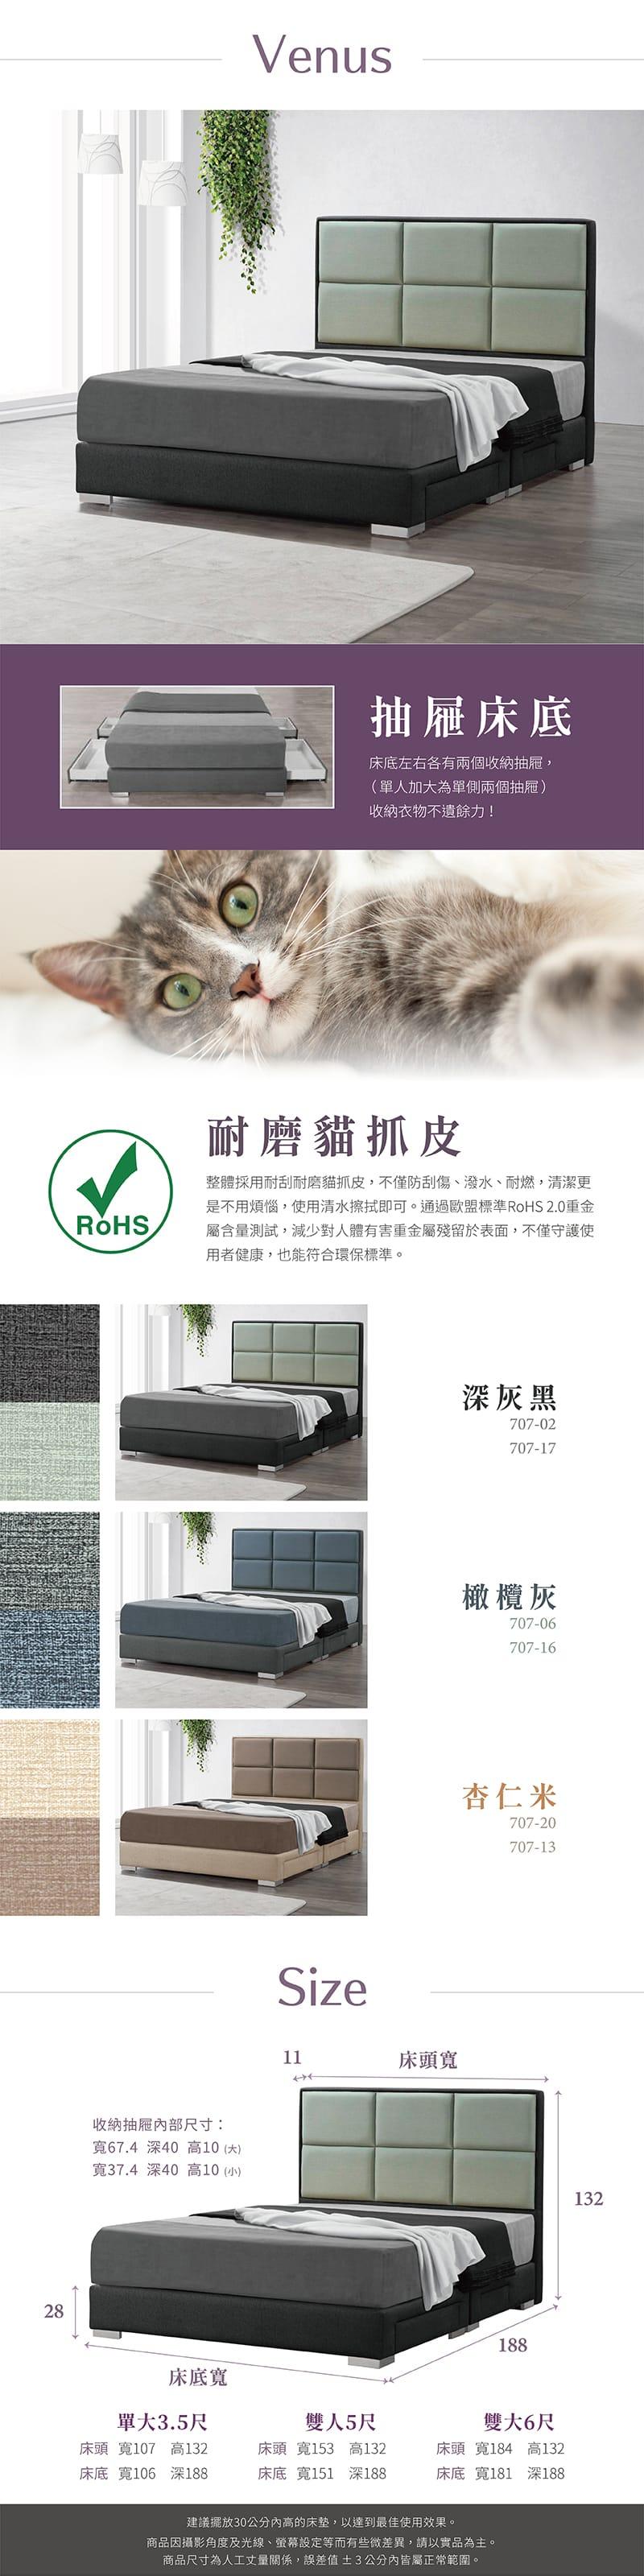 貓抓皮抽收納床組兩件 雙人5尺(床頭片+抽屜床底)【馬丁】